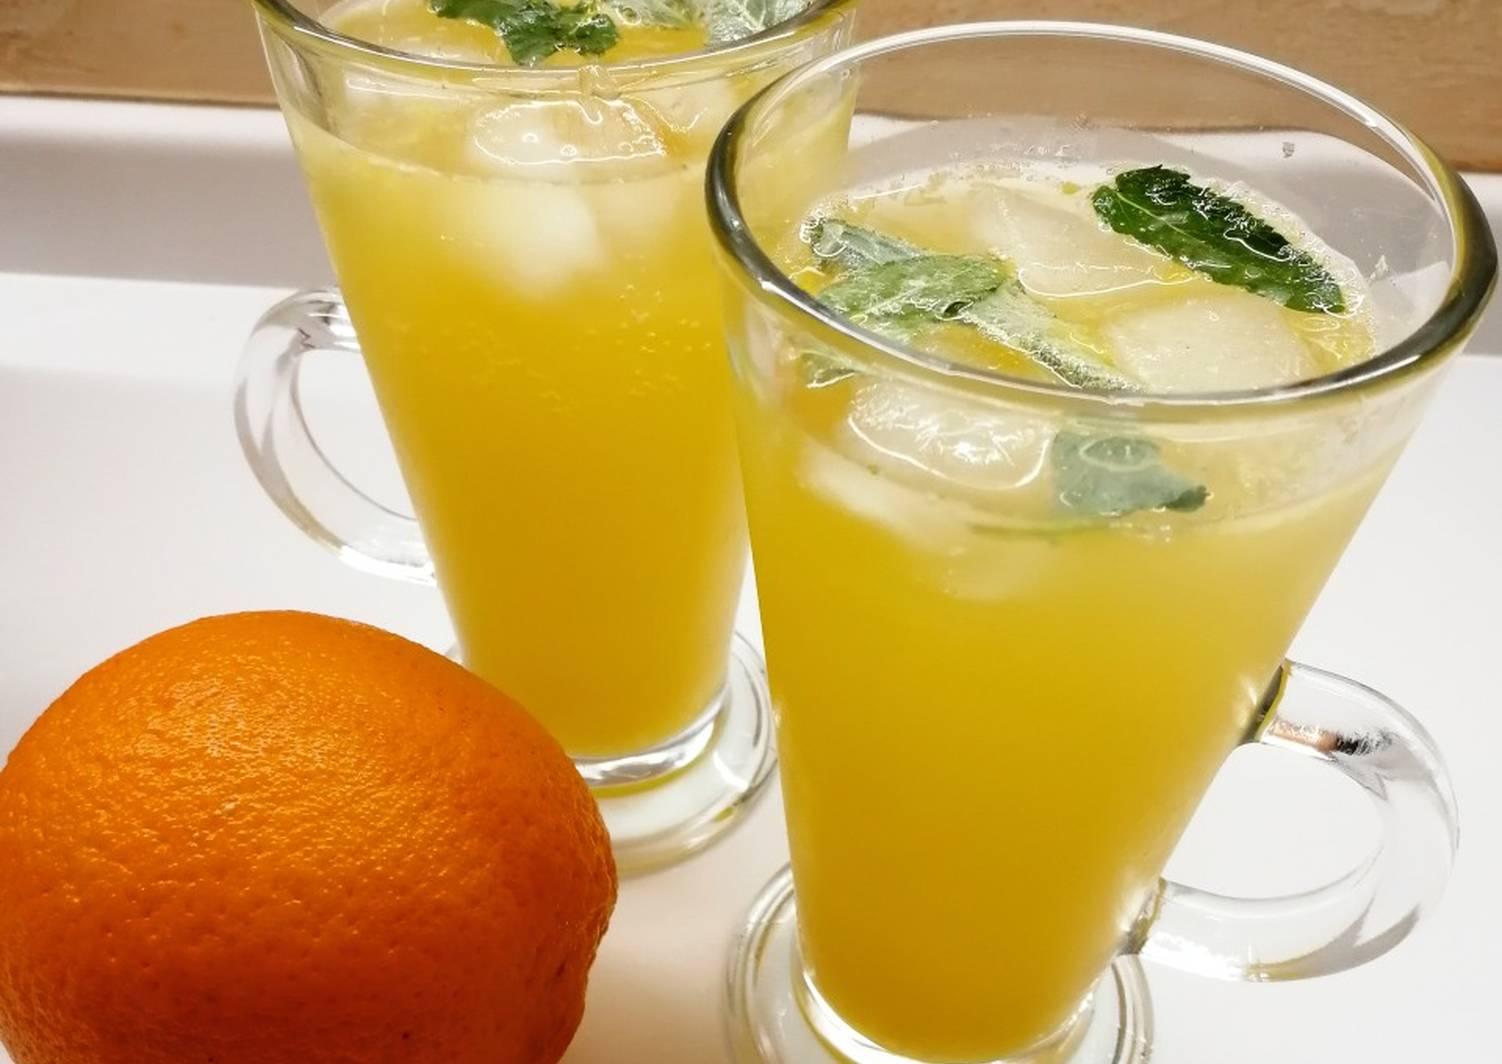 получить полноценную узбекские лимонады рецепты с фото того, стране